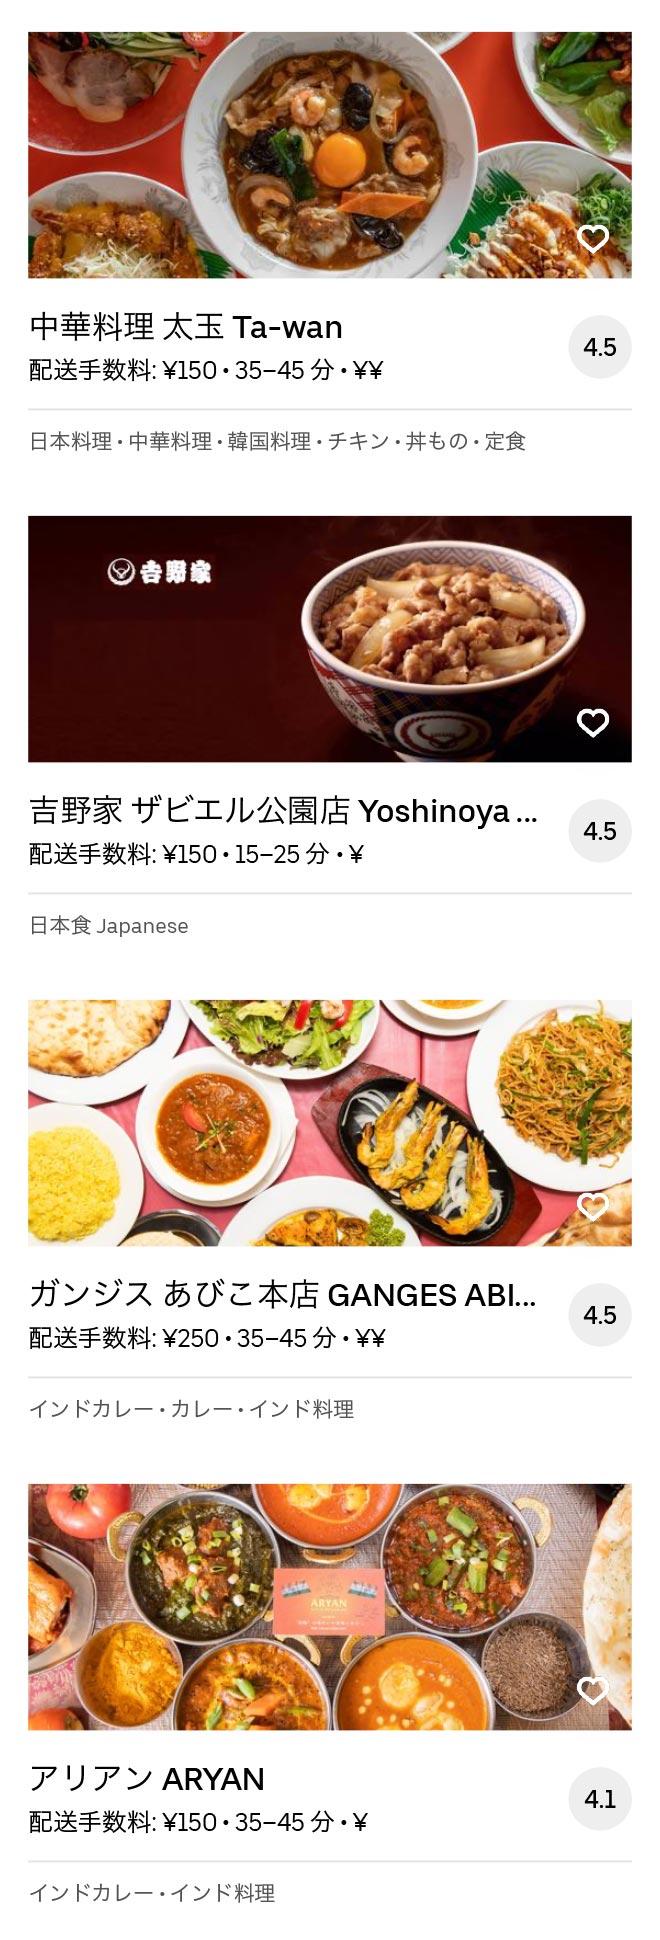 Sakai sakai higashi menu 2005 09